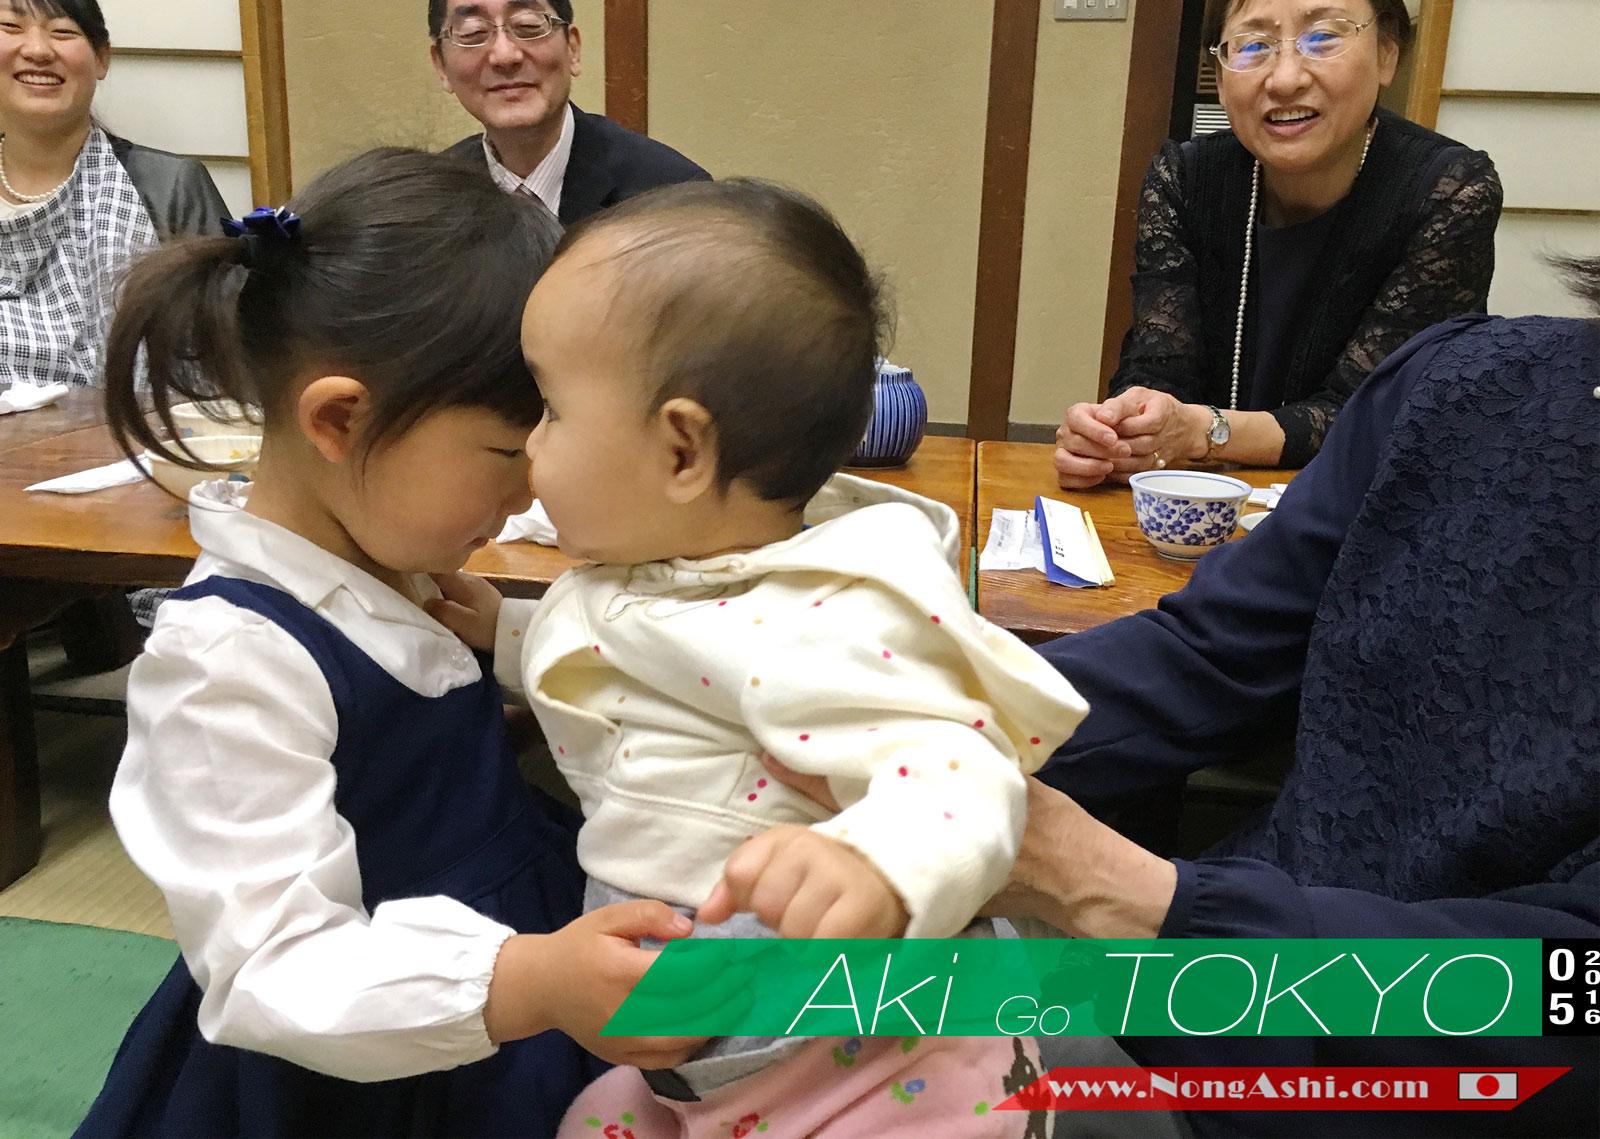 อกิน้อยไปเที่ยวญี่ปุุ่น Day1 : อกิน้อยคลานไปเล่นกับพี่สาวญี่ปุ่นโต๊ะข้างหลัง